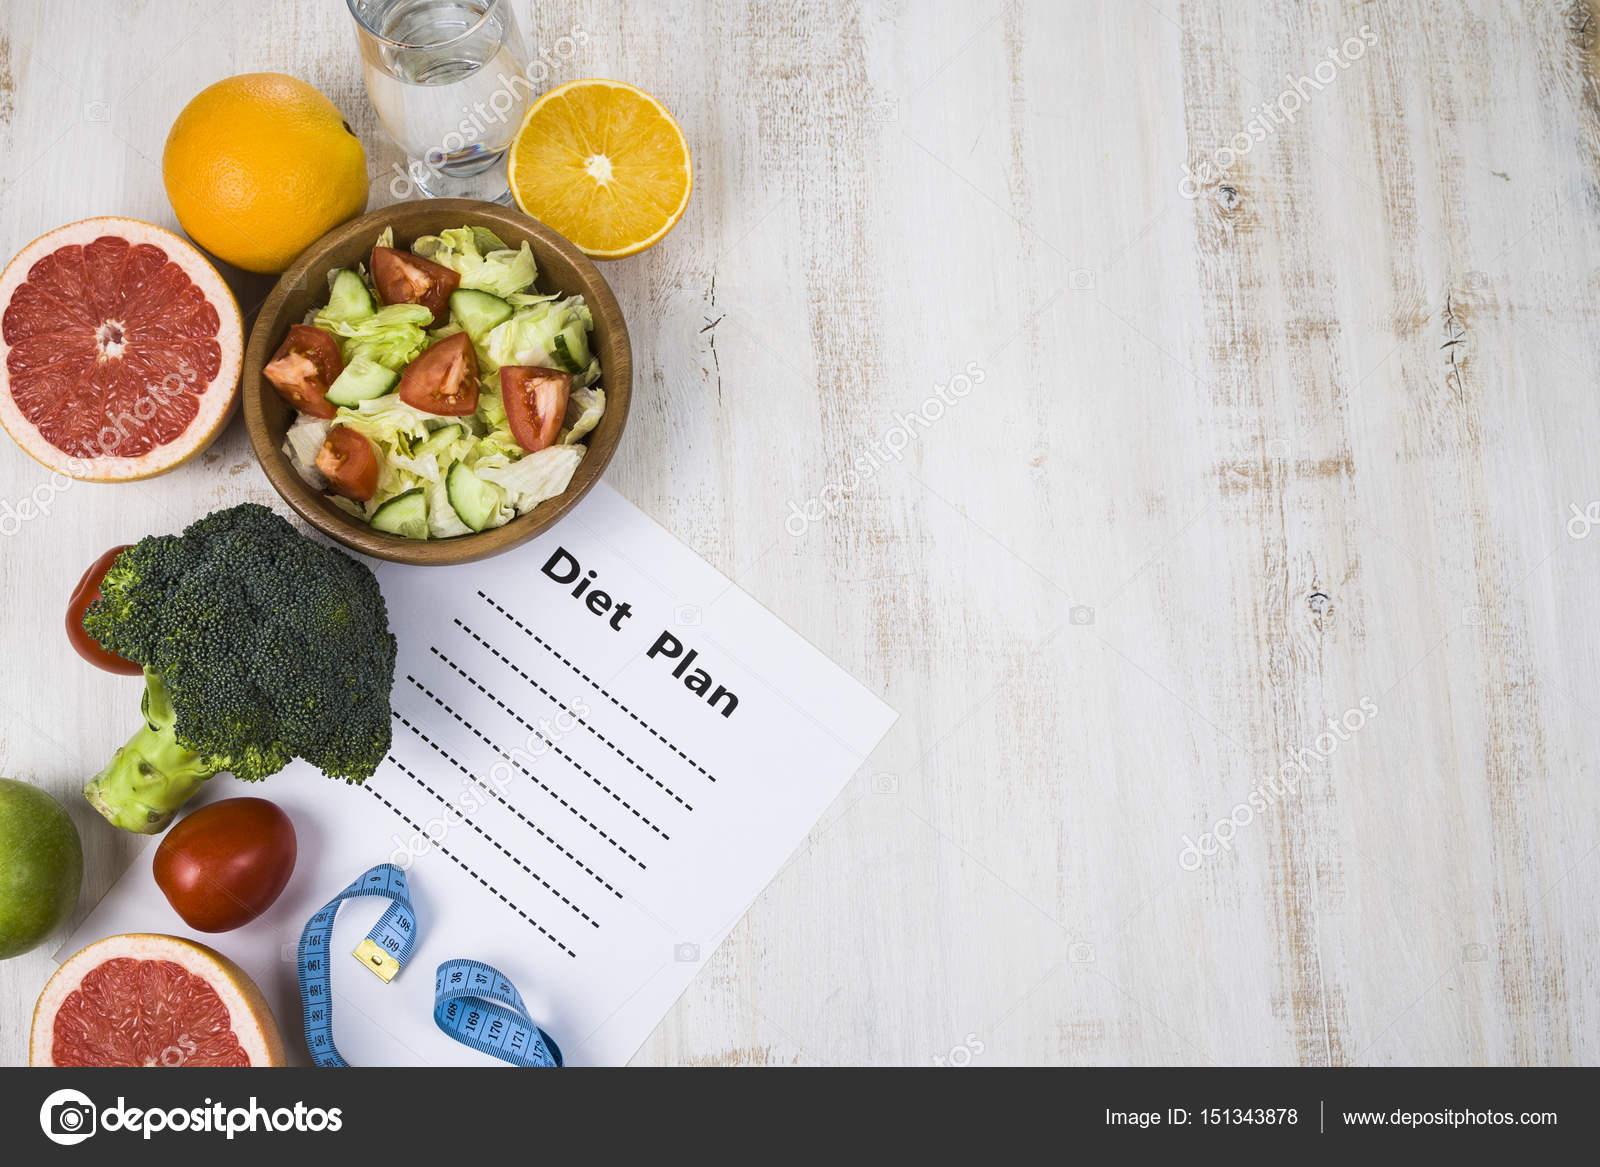 Essen Und Blatt Papier Mit Einer Diat Plan Auf Einem Dunklen